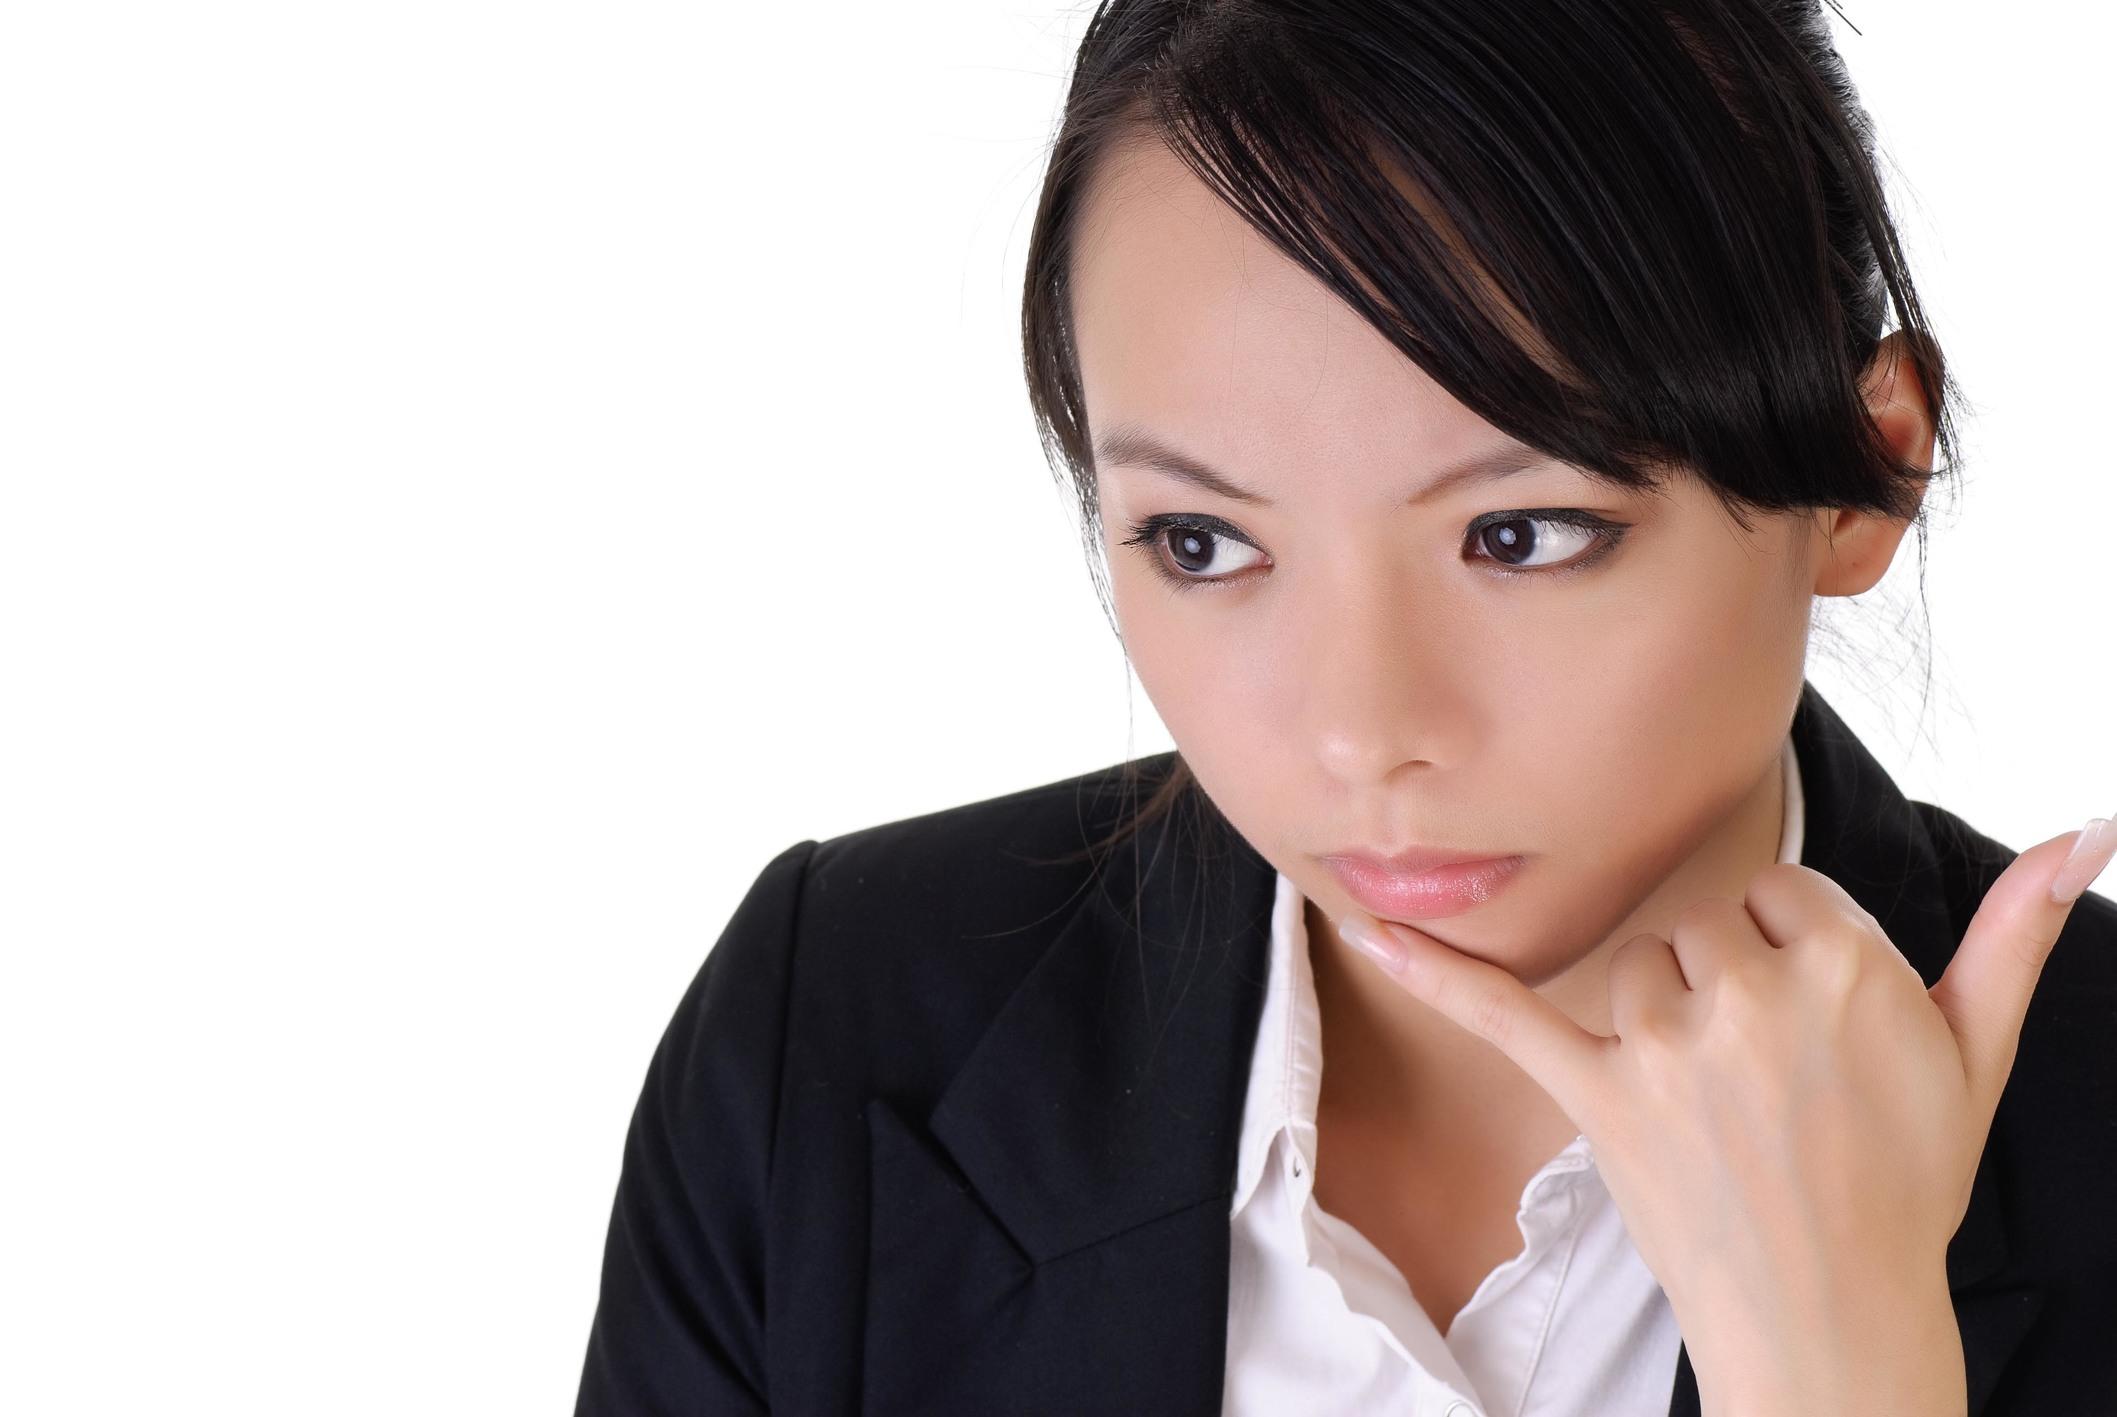 自己顕示欲の強い女性の心理とその診断方法。上手くつき合うポイントまとめのサムネイル画像